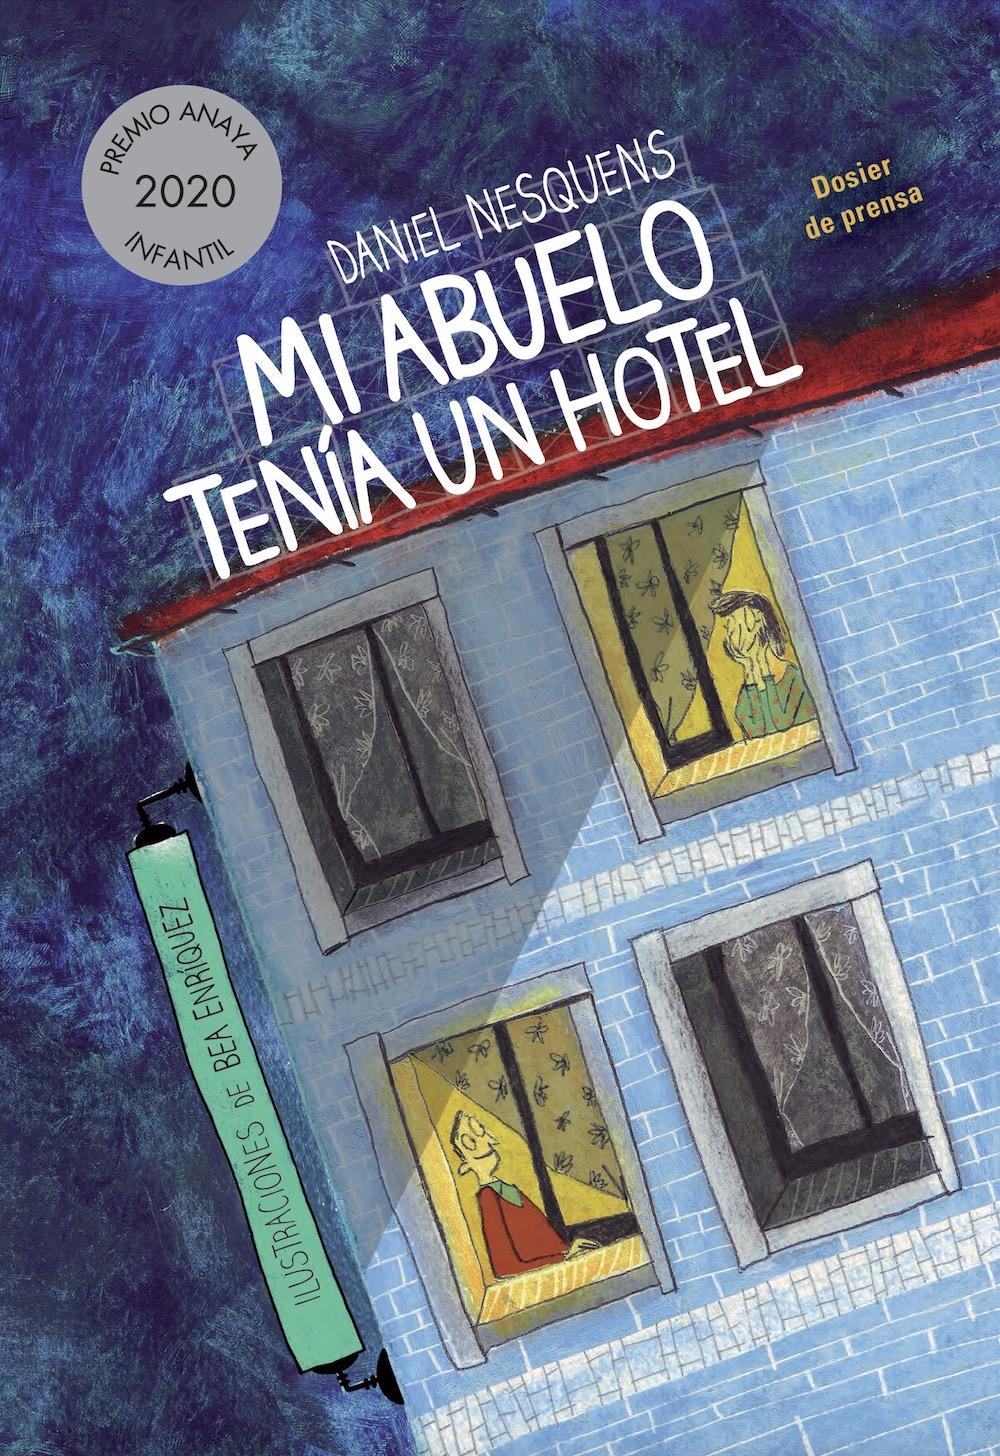 Mi abuelo tenía un hotel (Premio Anaya 2020)